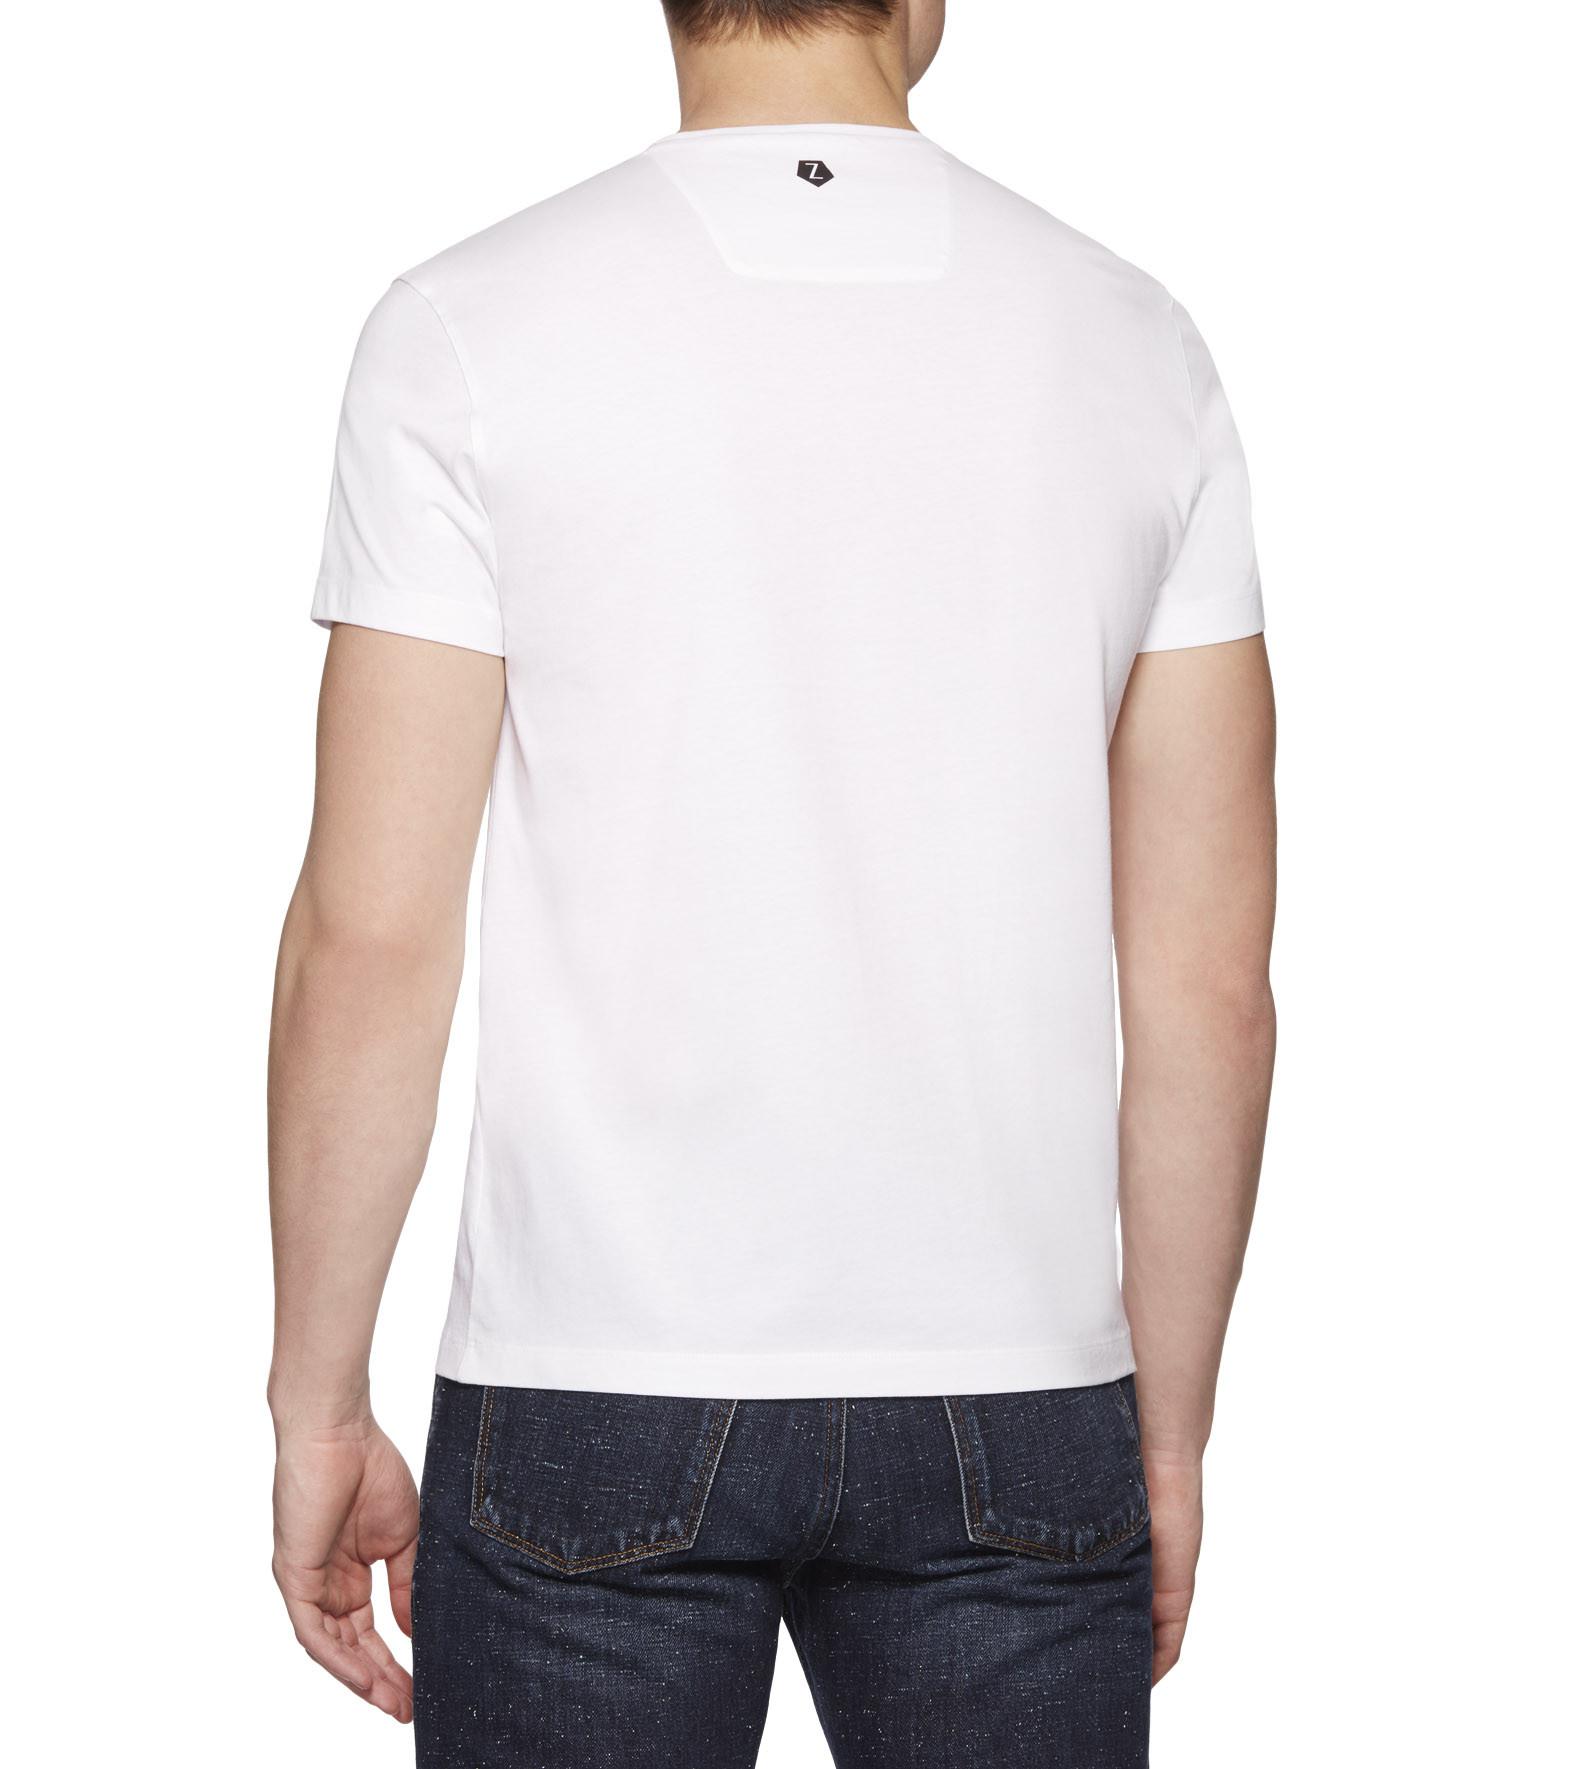 ermenegildo zegna black white milan t shirt in white for men lyst. Black Bedroom Furniture Sets. Home Design Ideas